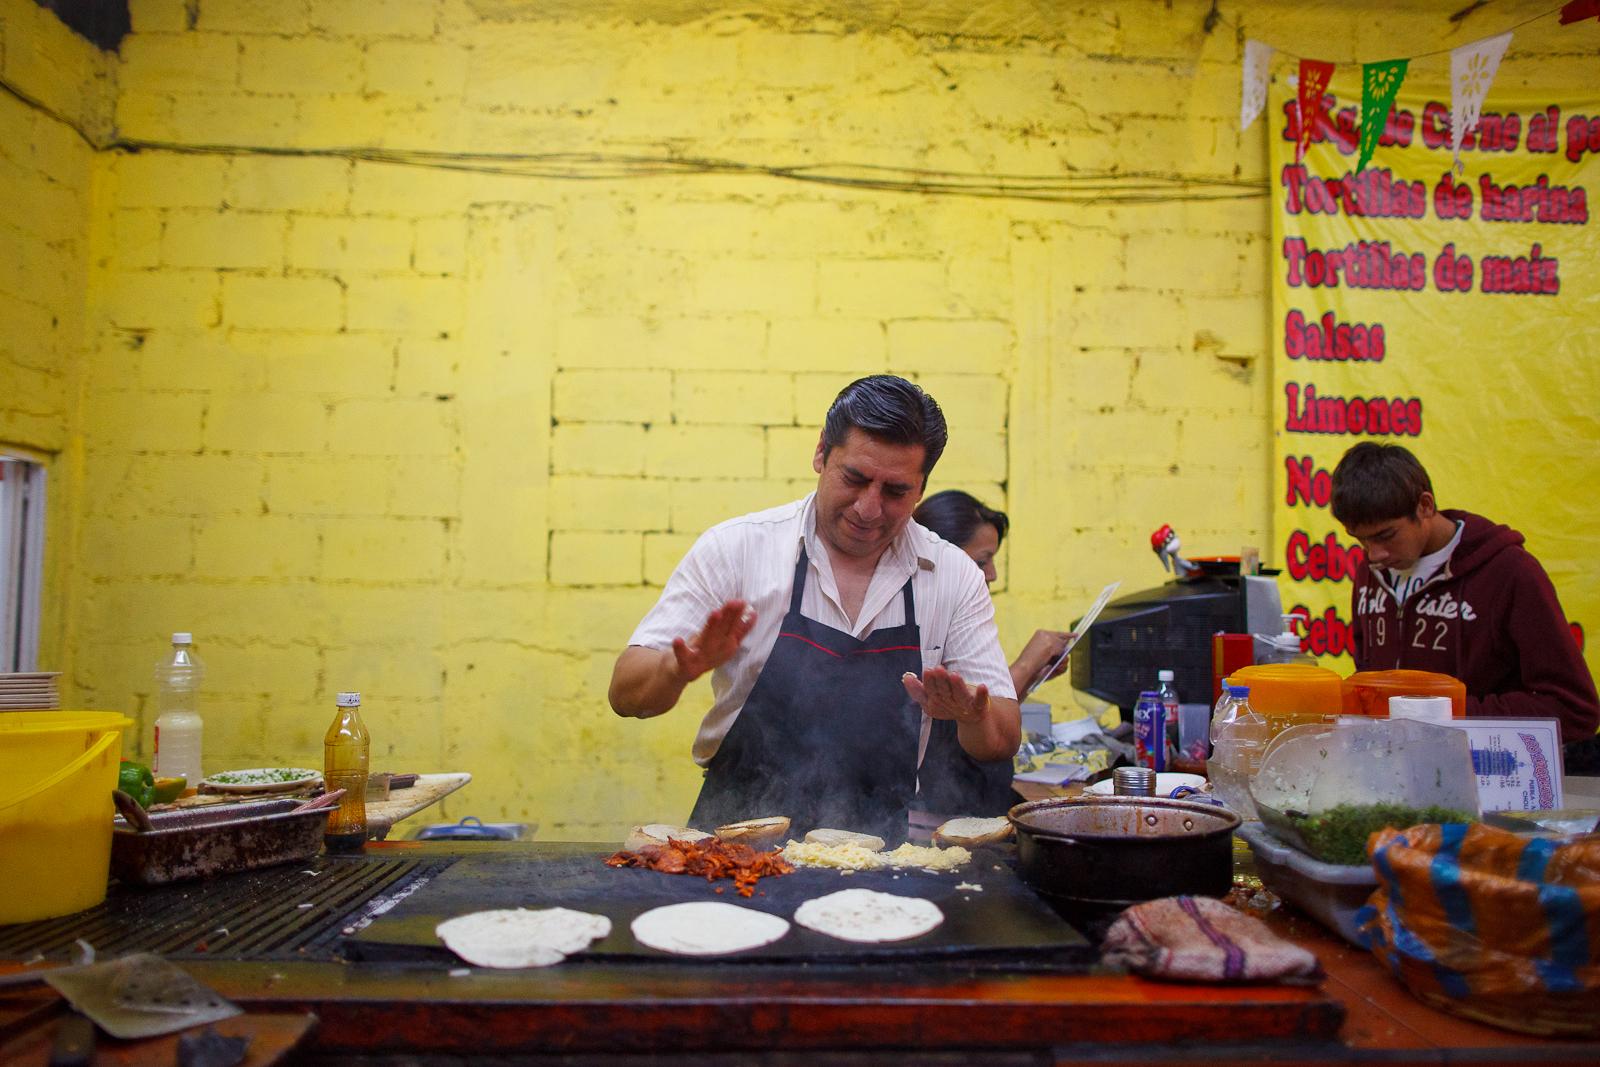 El taquero, working his magic